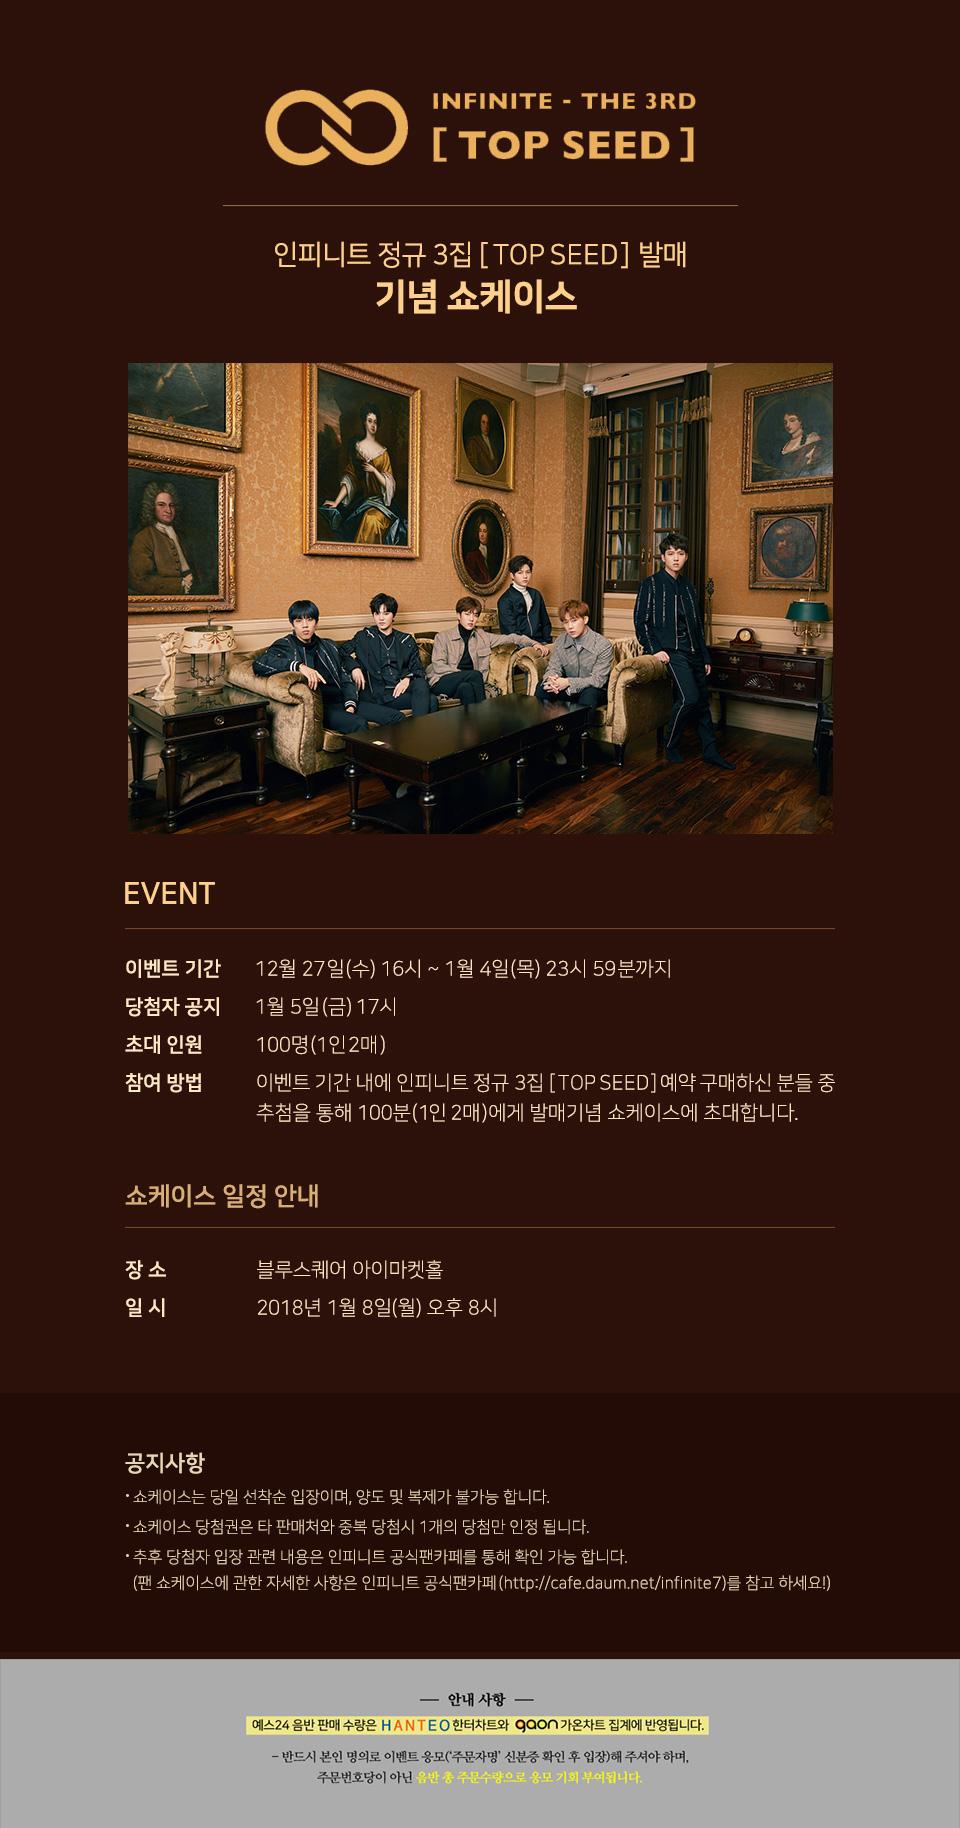 인피니트 정규 3집 [TOP SEED] 발매 기념 쇼케이스